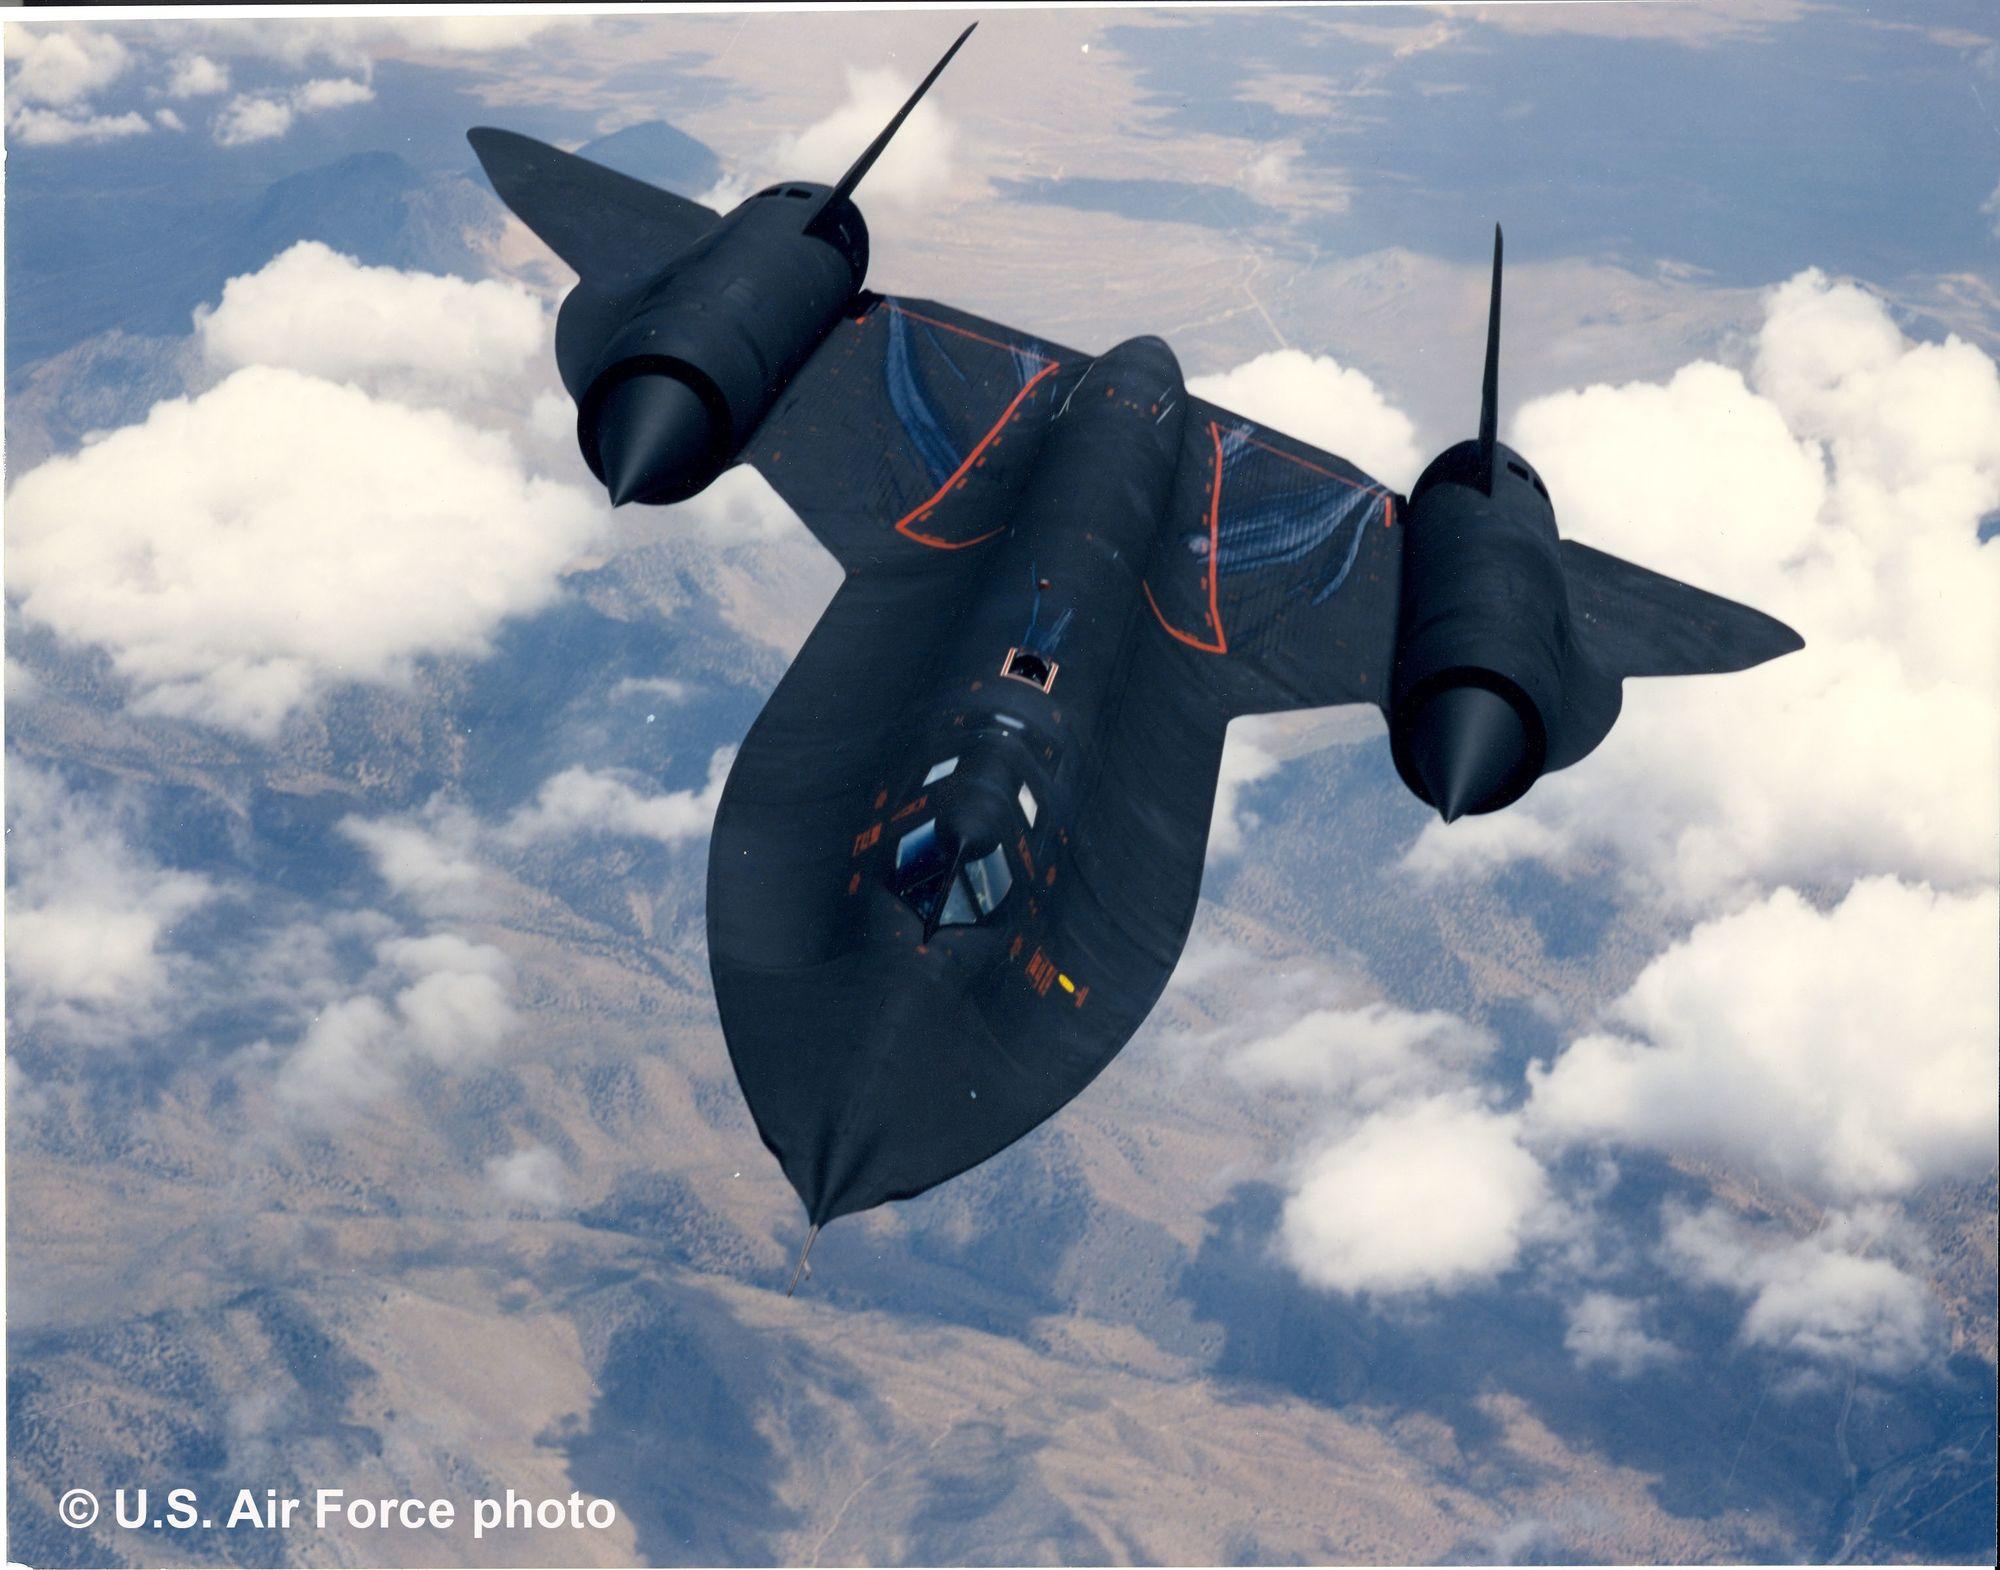 Revell-04967-Lockheed-SR-71-Blackbird-c-U.S.-Air-Force-photo Revell Neuheiten 2021